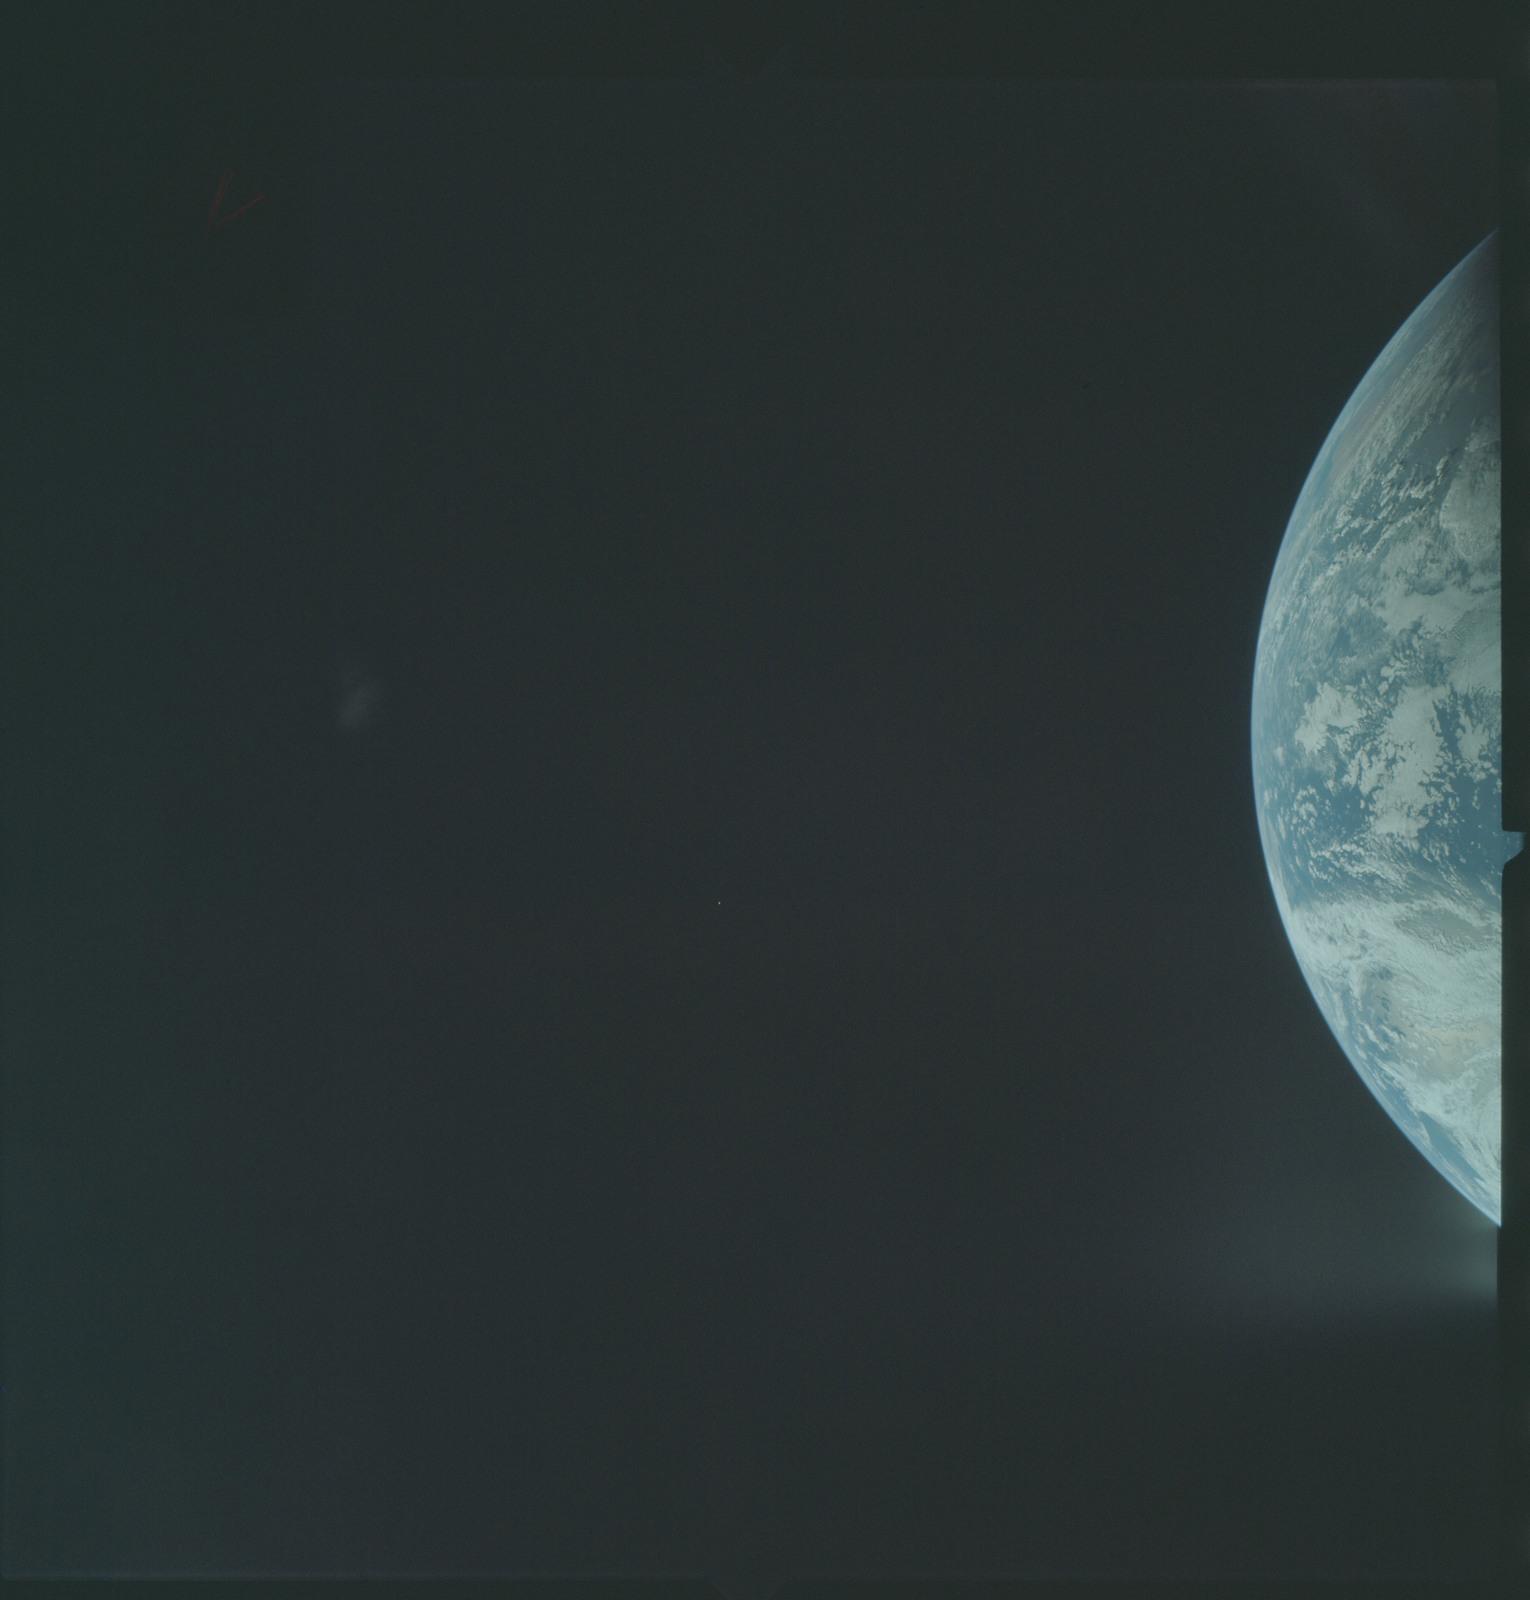 AS04-01-142 - Apollo 4